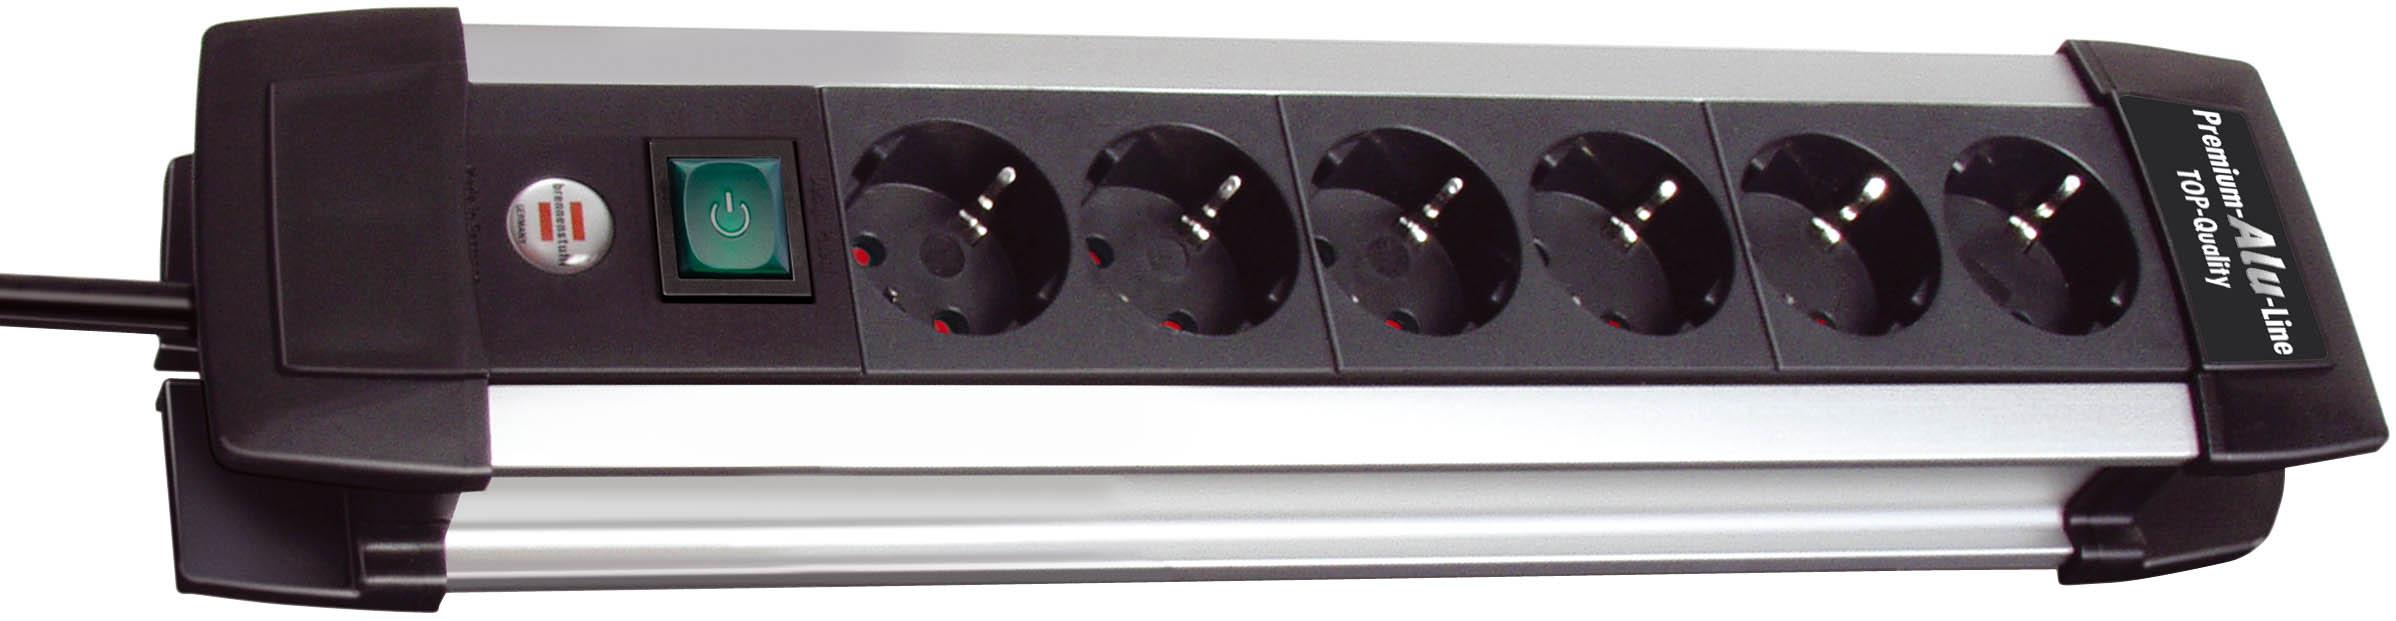 Удлинитель BrennenstuhlУдлинители и сетевые фильтры<br>Количество гнезд: 6,<br>Заземление: есть,<br>Тип удлинителя: удлинитель,<br>Марка кабеля: ПВС,<br>Число / сечение жил: 3x1.5,<br>Длина (м): 3,<br>Выключатель: есть,<br>Цвет: черный,<br>Шторки: нет,<br>Наличие катушки: нет,<br>USB порт: нет,<br>Сила тока: 16,<br>Автоматическое сматывание кабеля: нет,<br>Степень защиты от пыли и влаги: IP 20<br>